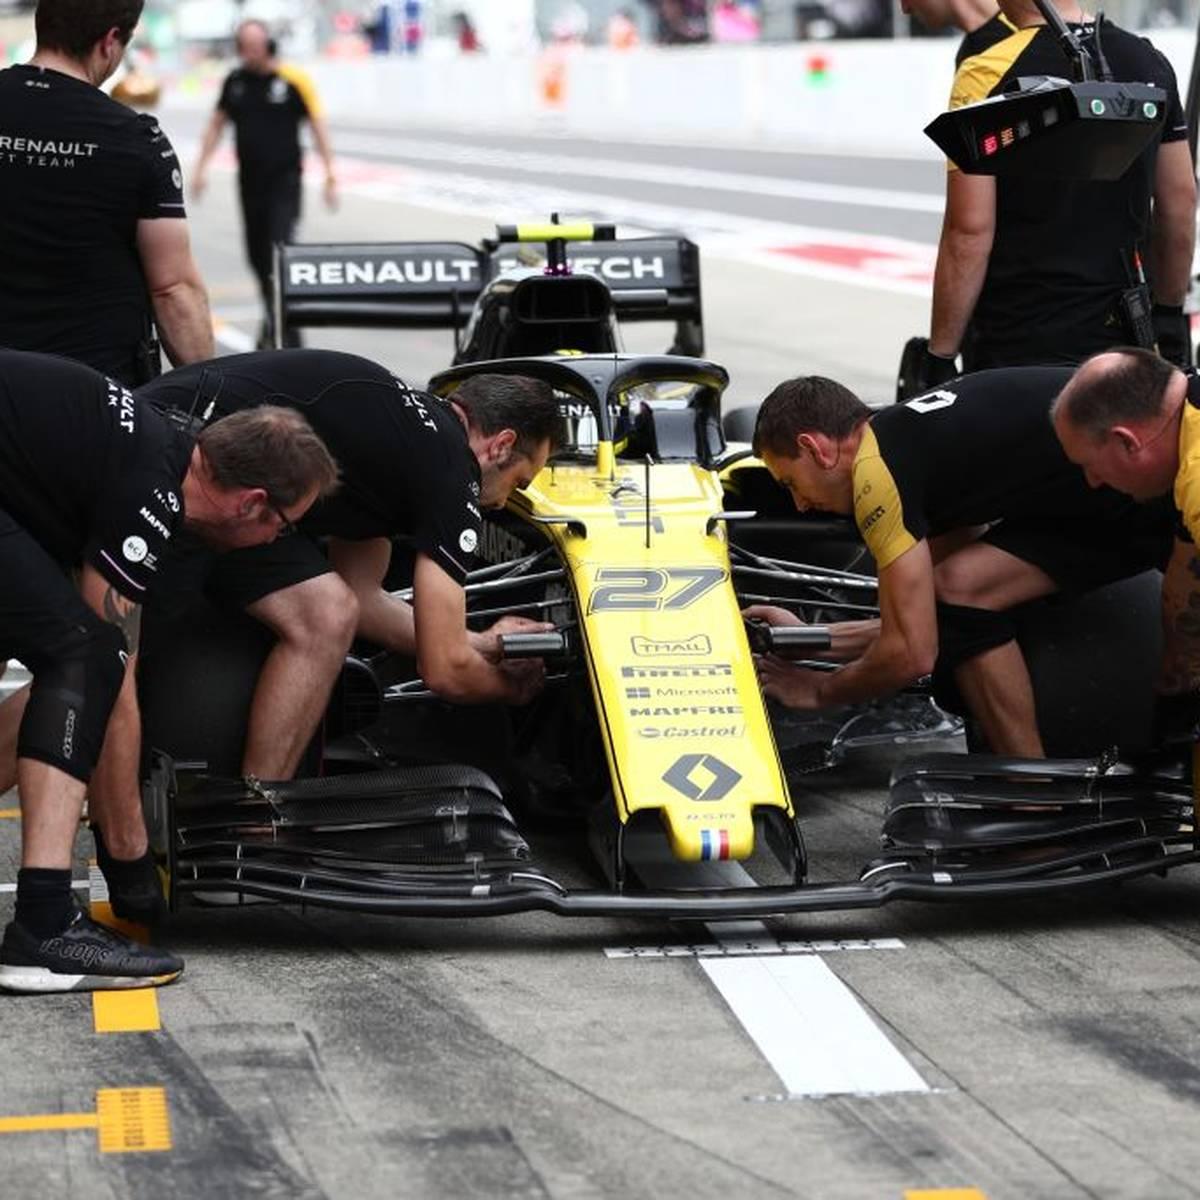 Renault nachträglich disqualifiziert